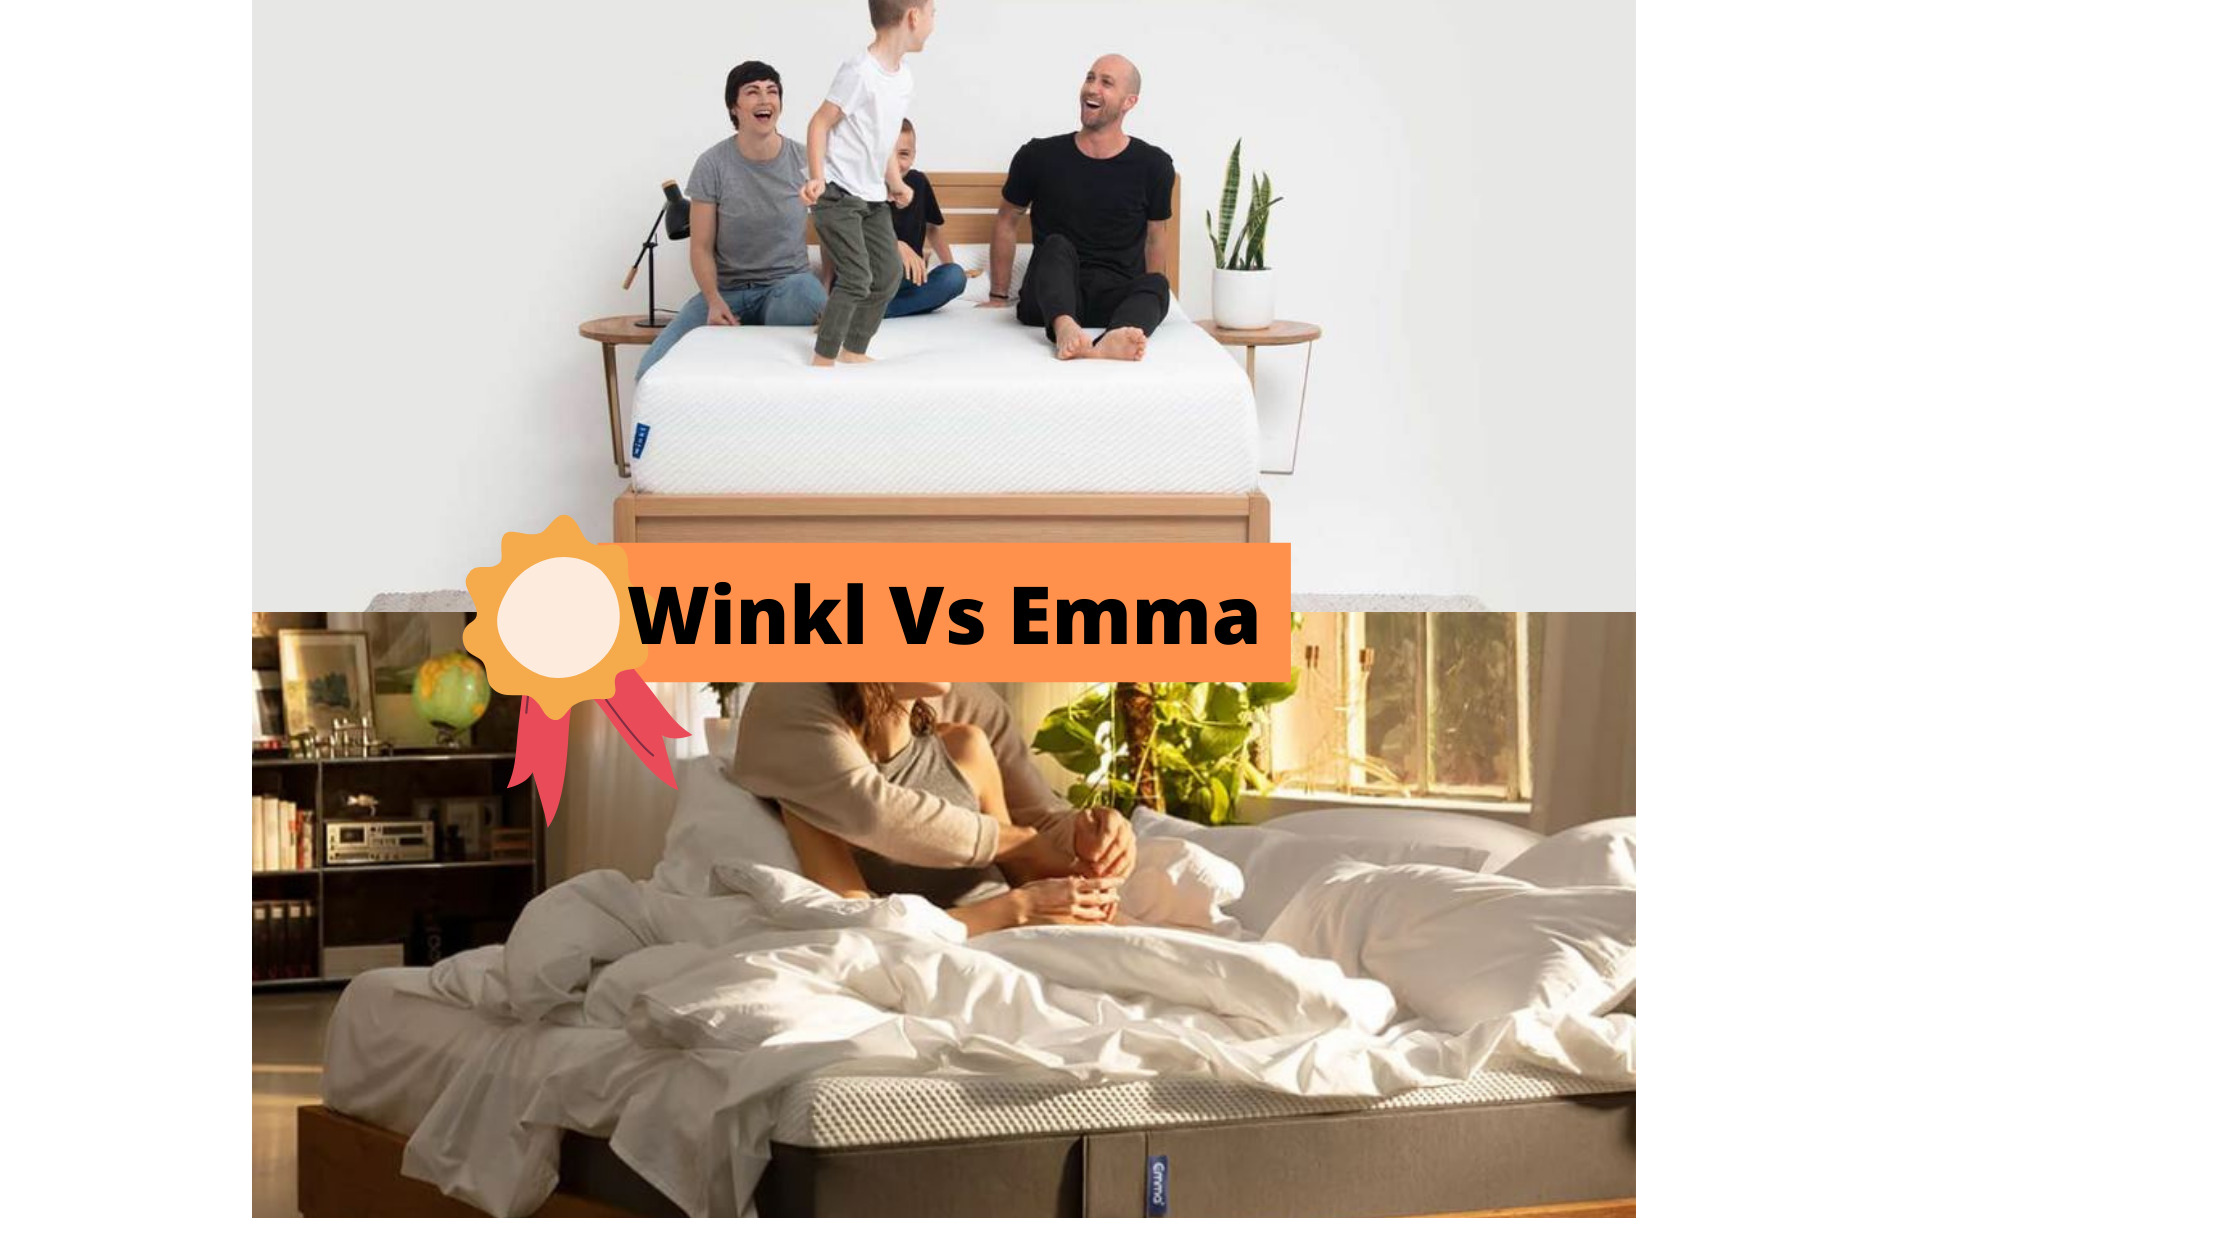 Winkl Vs Emma - Mattress In ABox NZ Comparisons